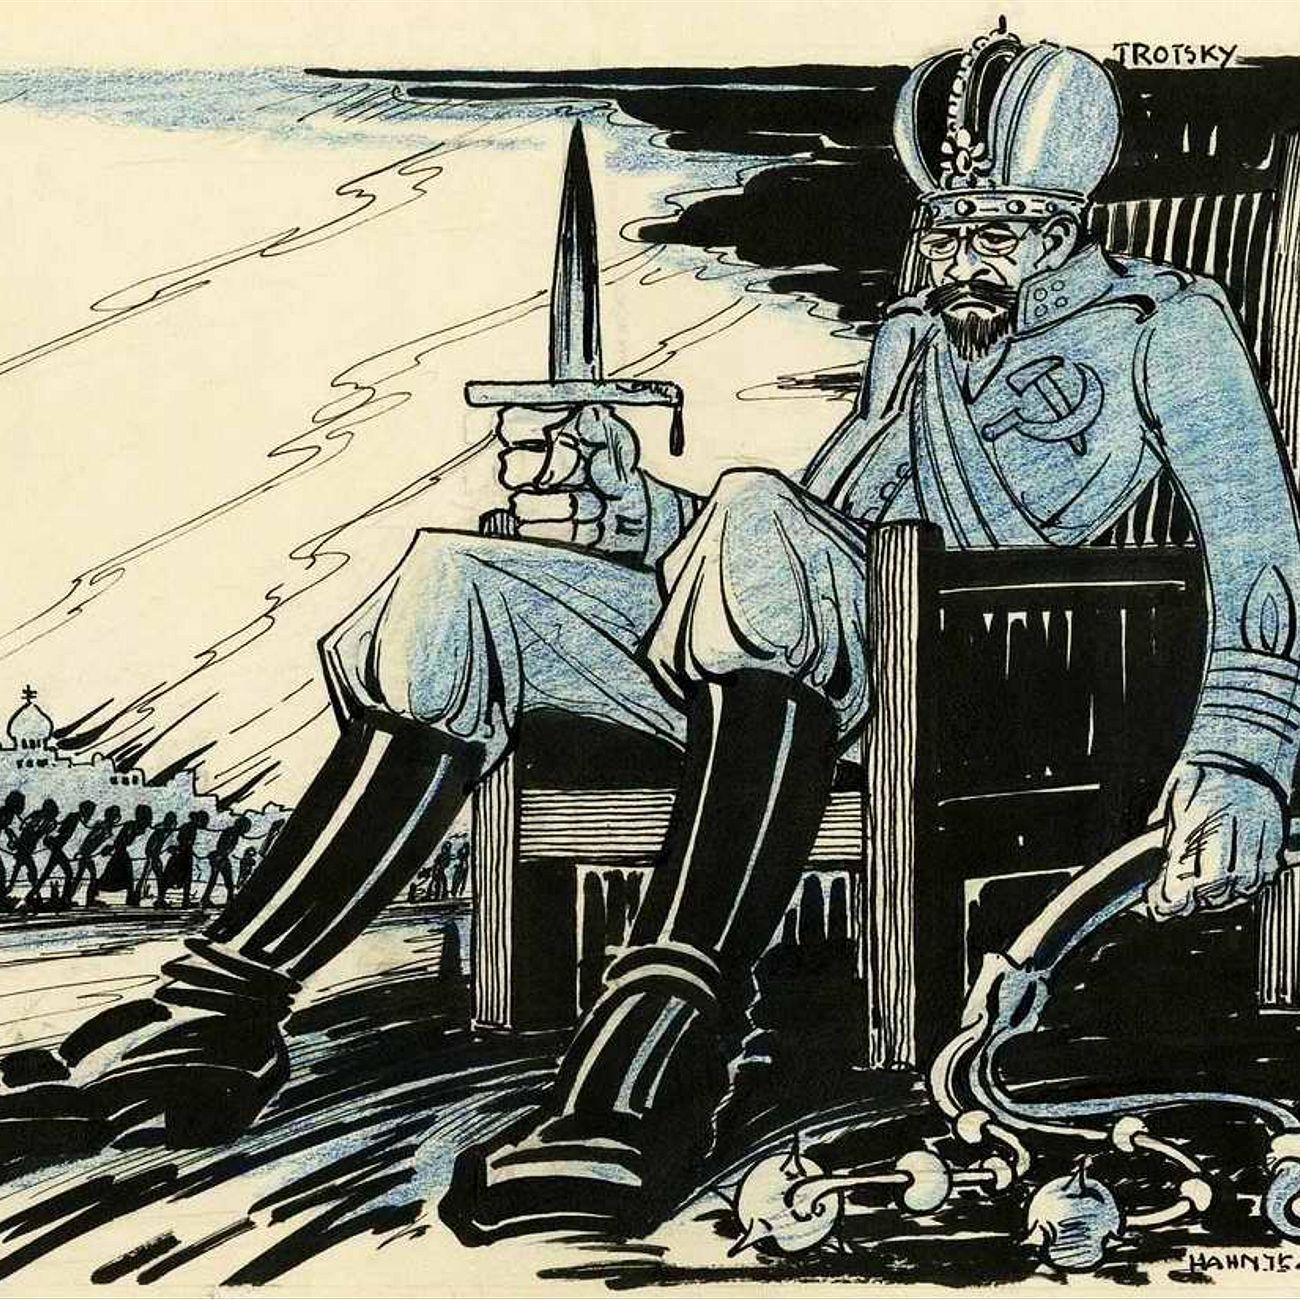 Лев Троцкий - русский государственник или предводитель масонов? (Леонид Млечин)